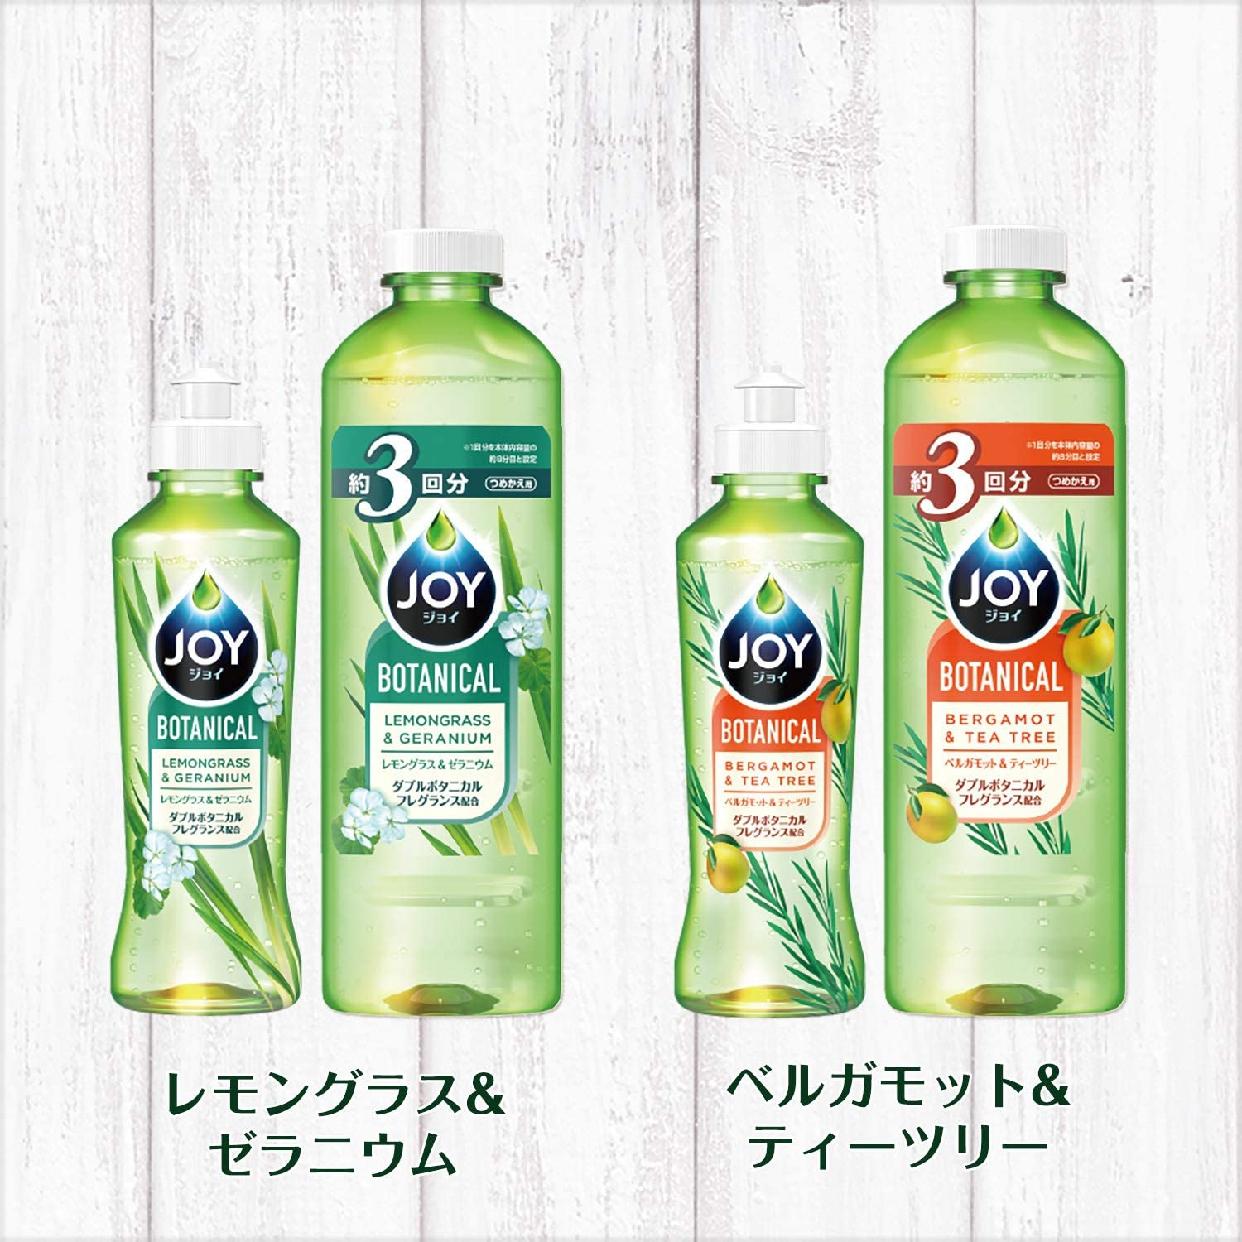 JOY(ジョイ) ボタニカル レモングラス&ゼラニウムの商品画像8